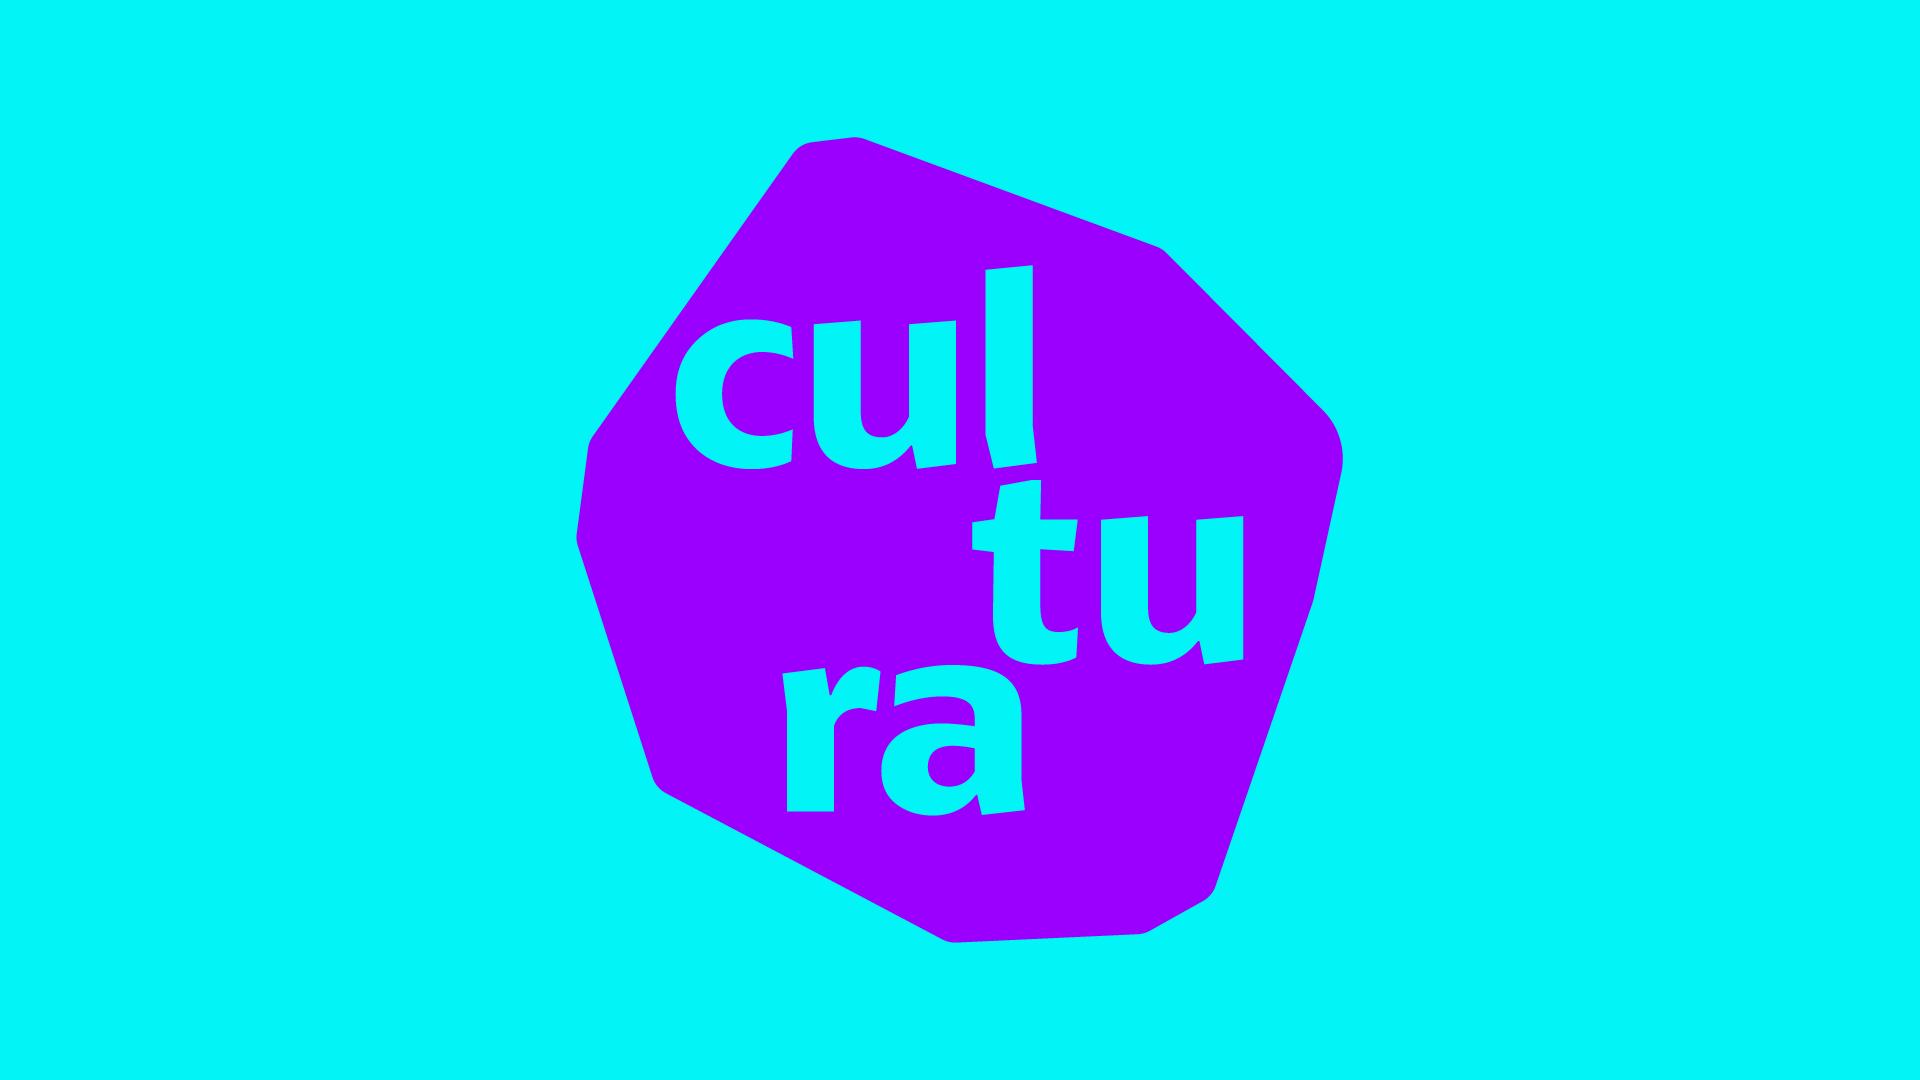 cultura_flatlogo-01